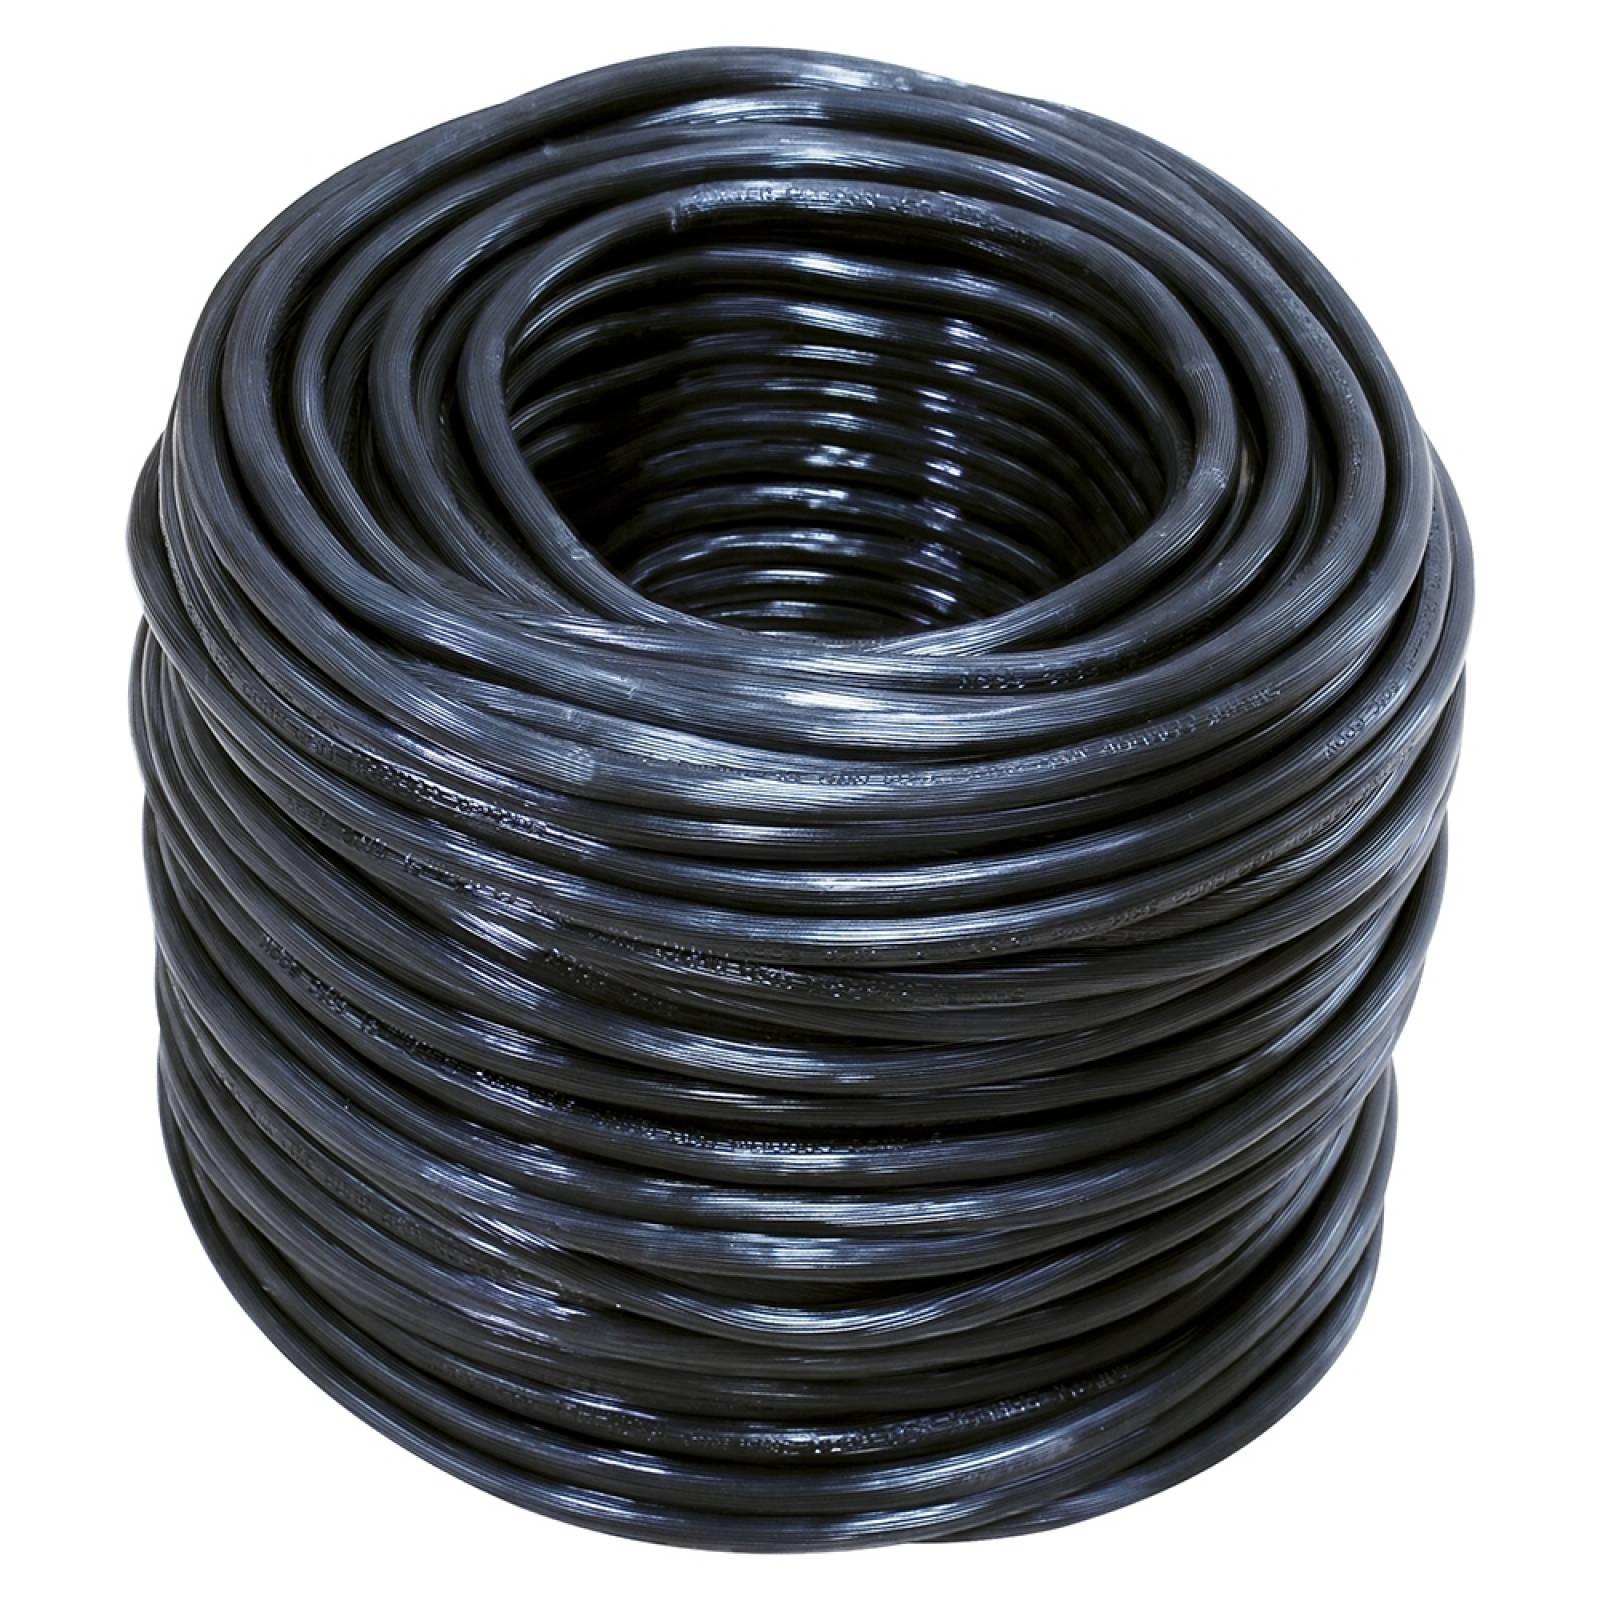 Cable eléctrico uso rudo Cal.3x12 100m blanco y negro 136936 Surtek